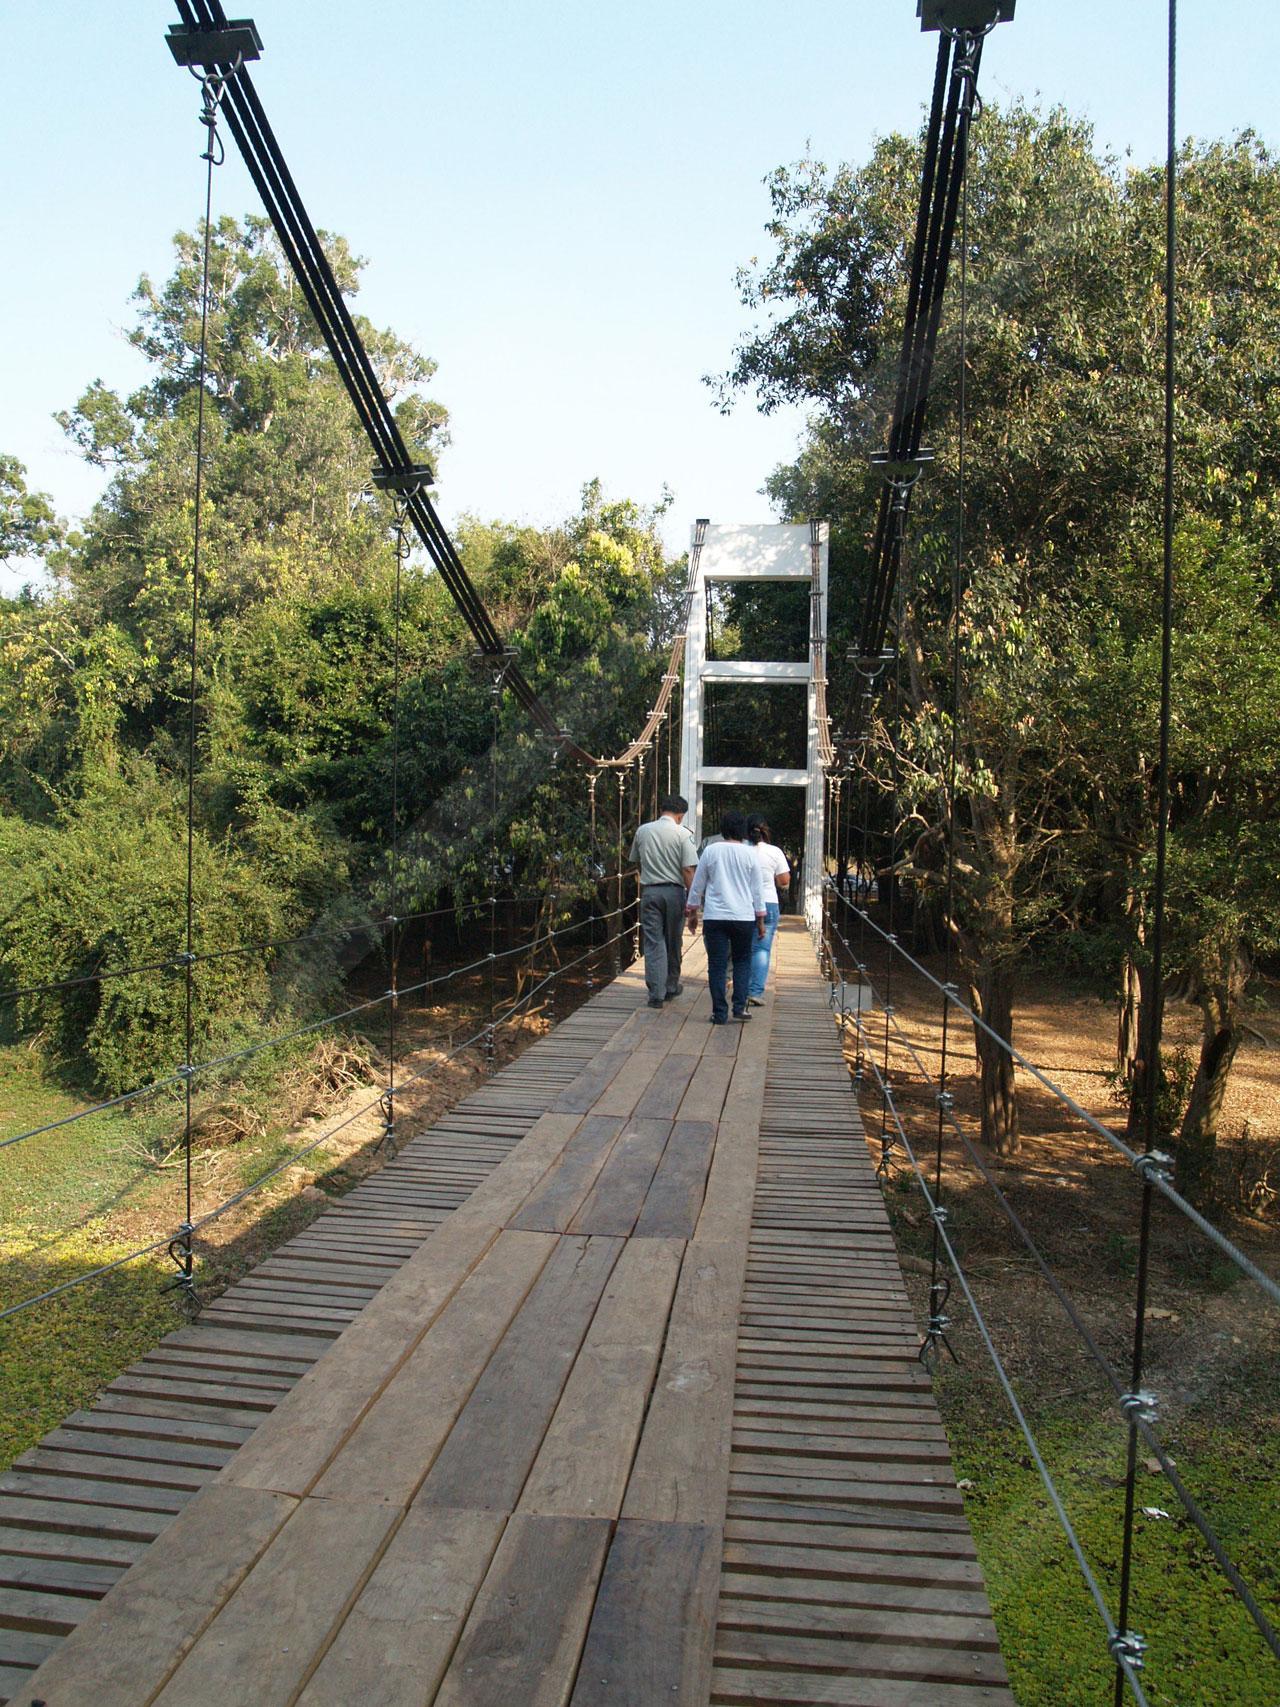 สะพานแขวนยาว 65 เมตรแห่งเดียวในจังหวัด